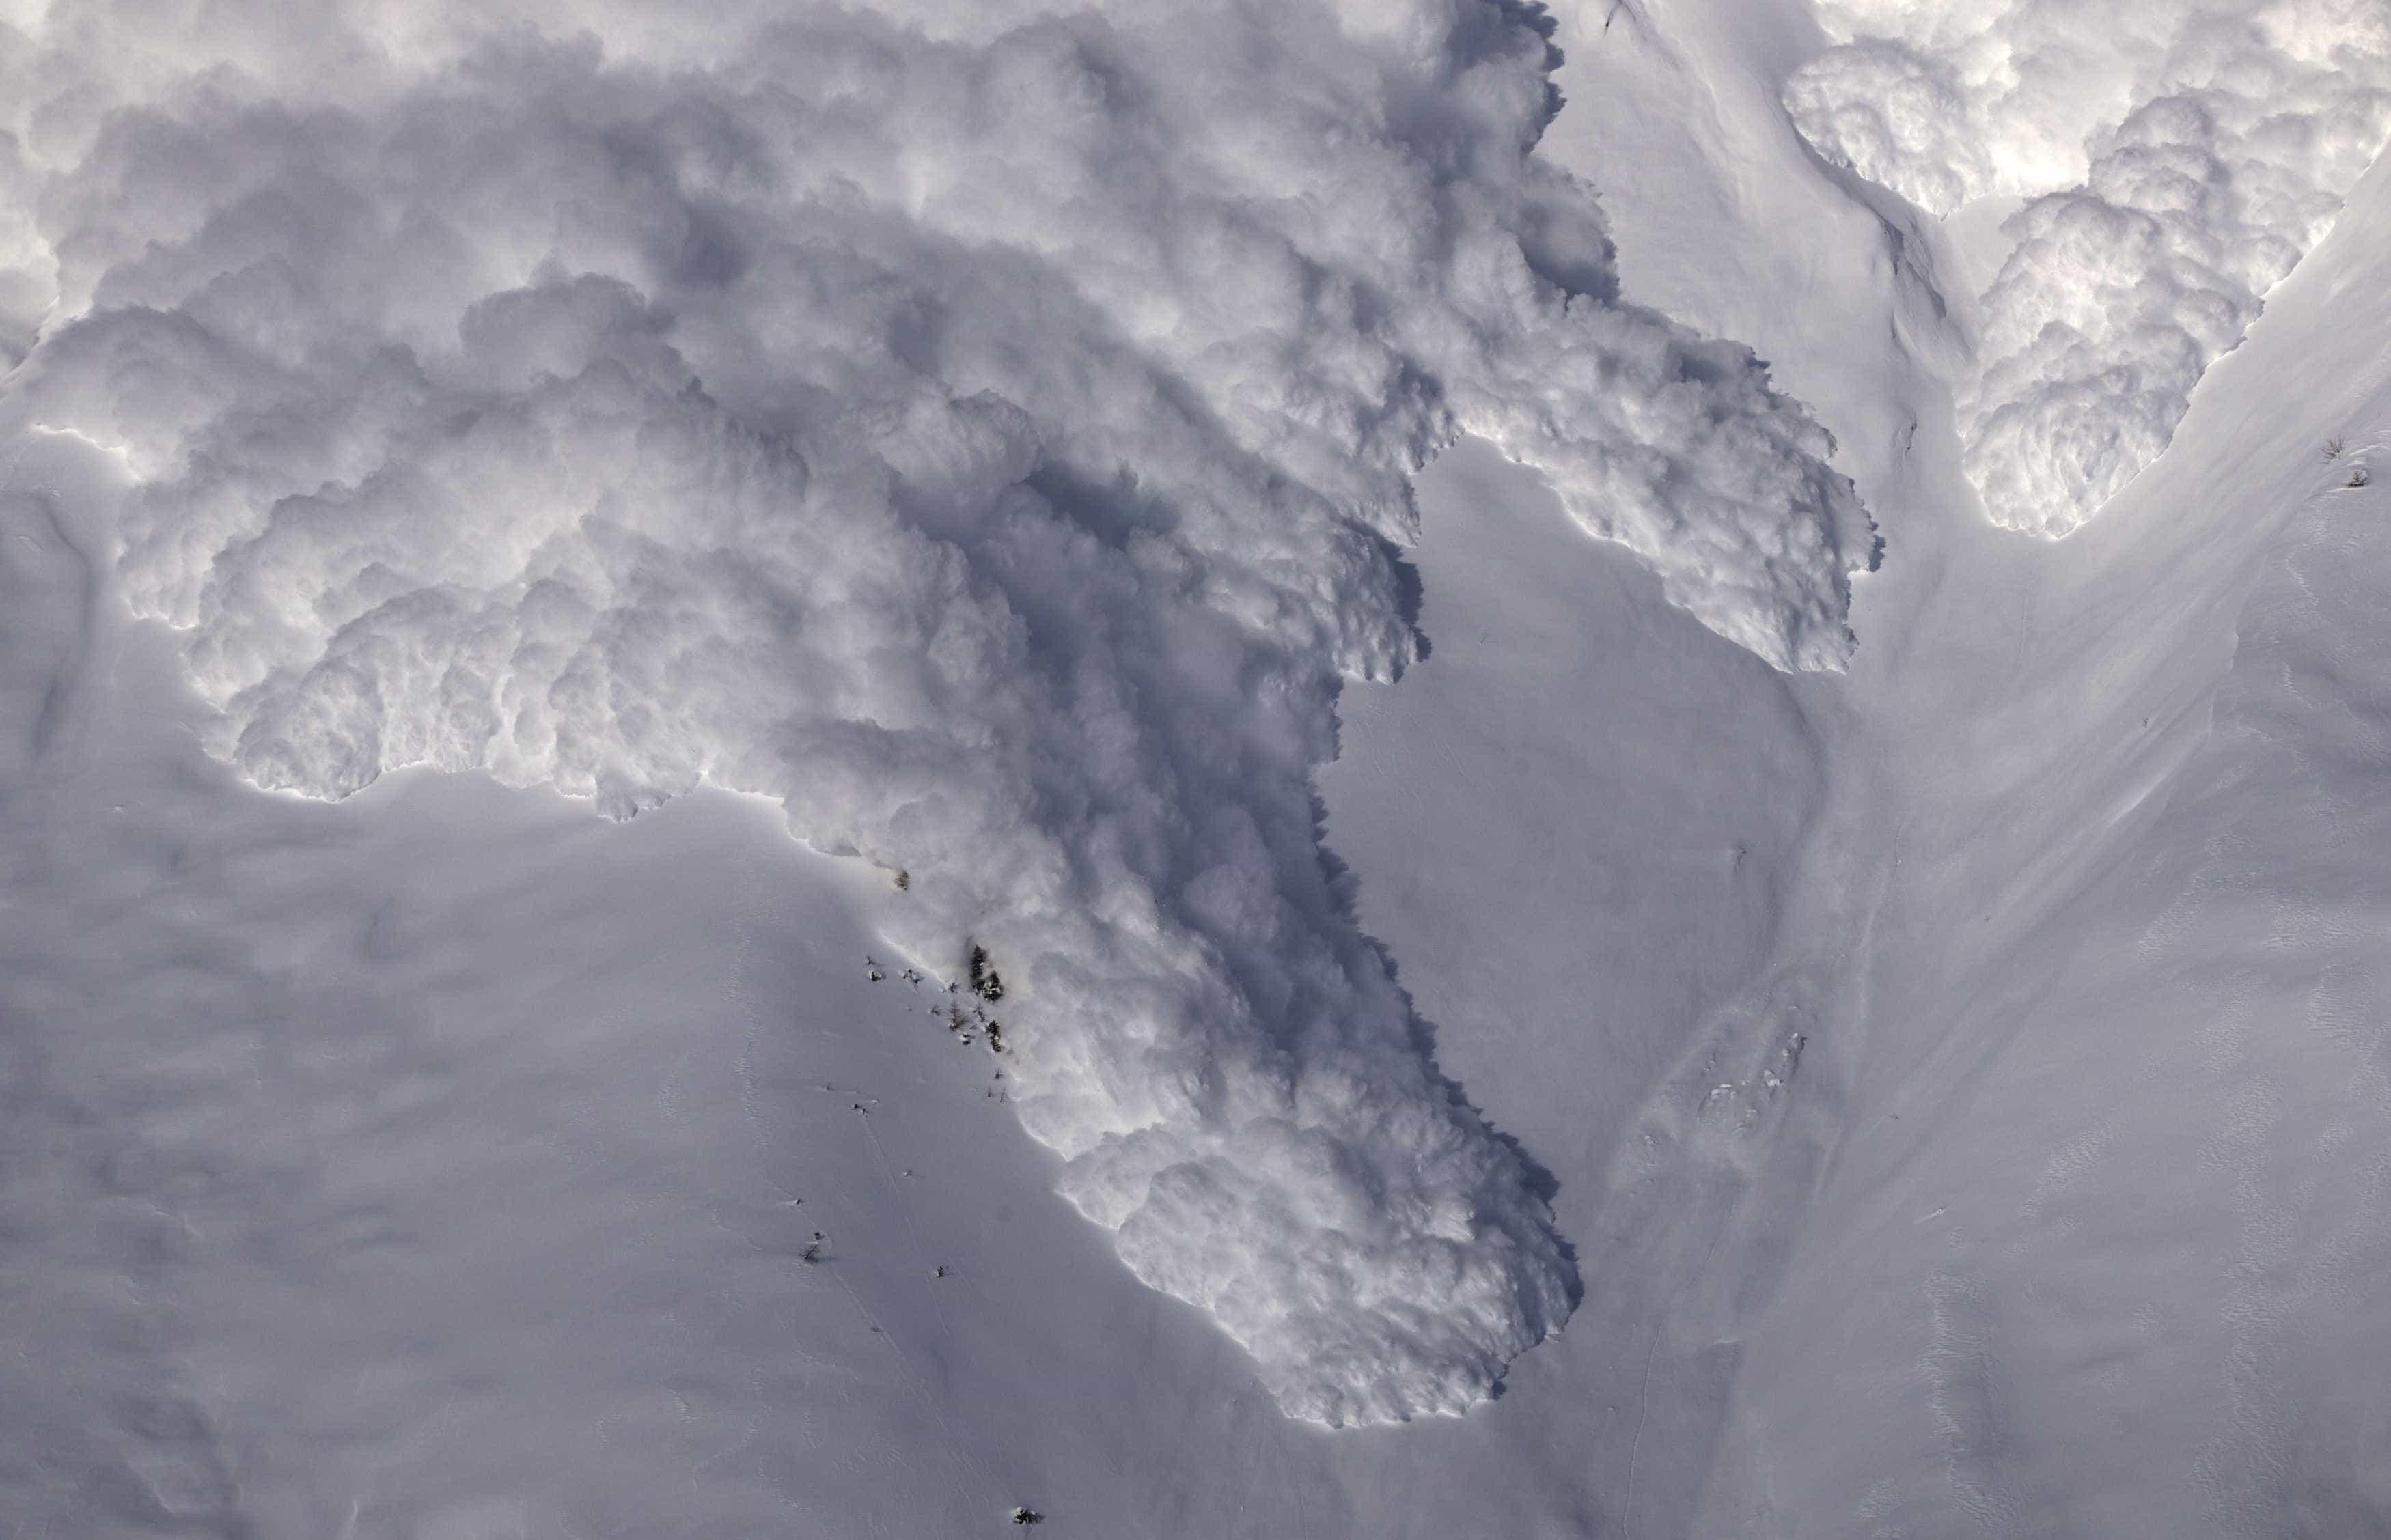 Português filmou avalanche que matou uma pessoa na Suíça